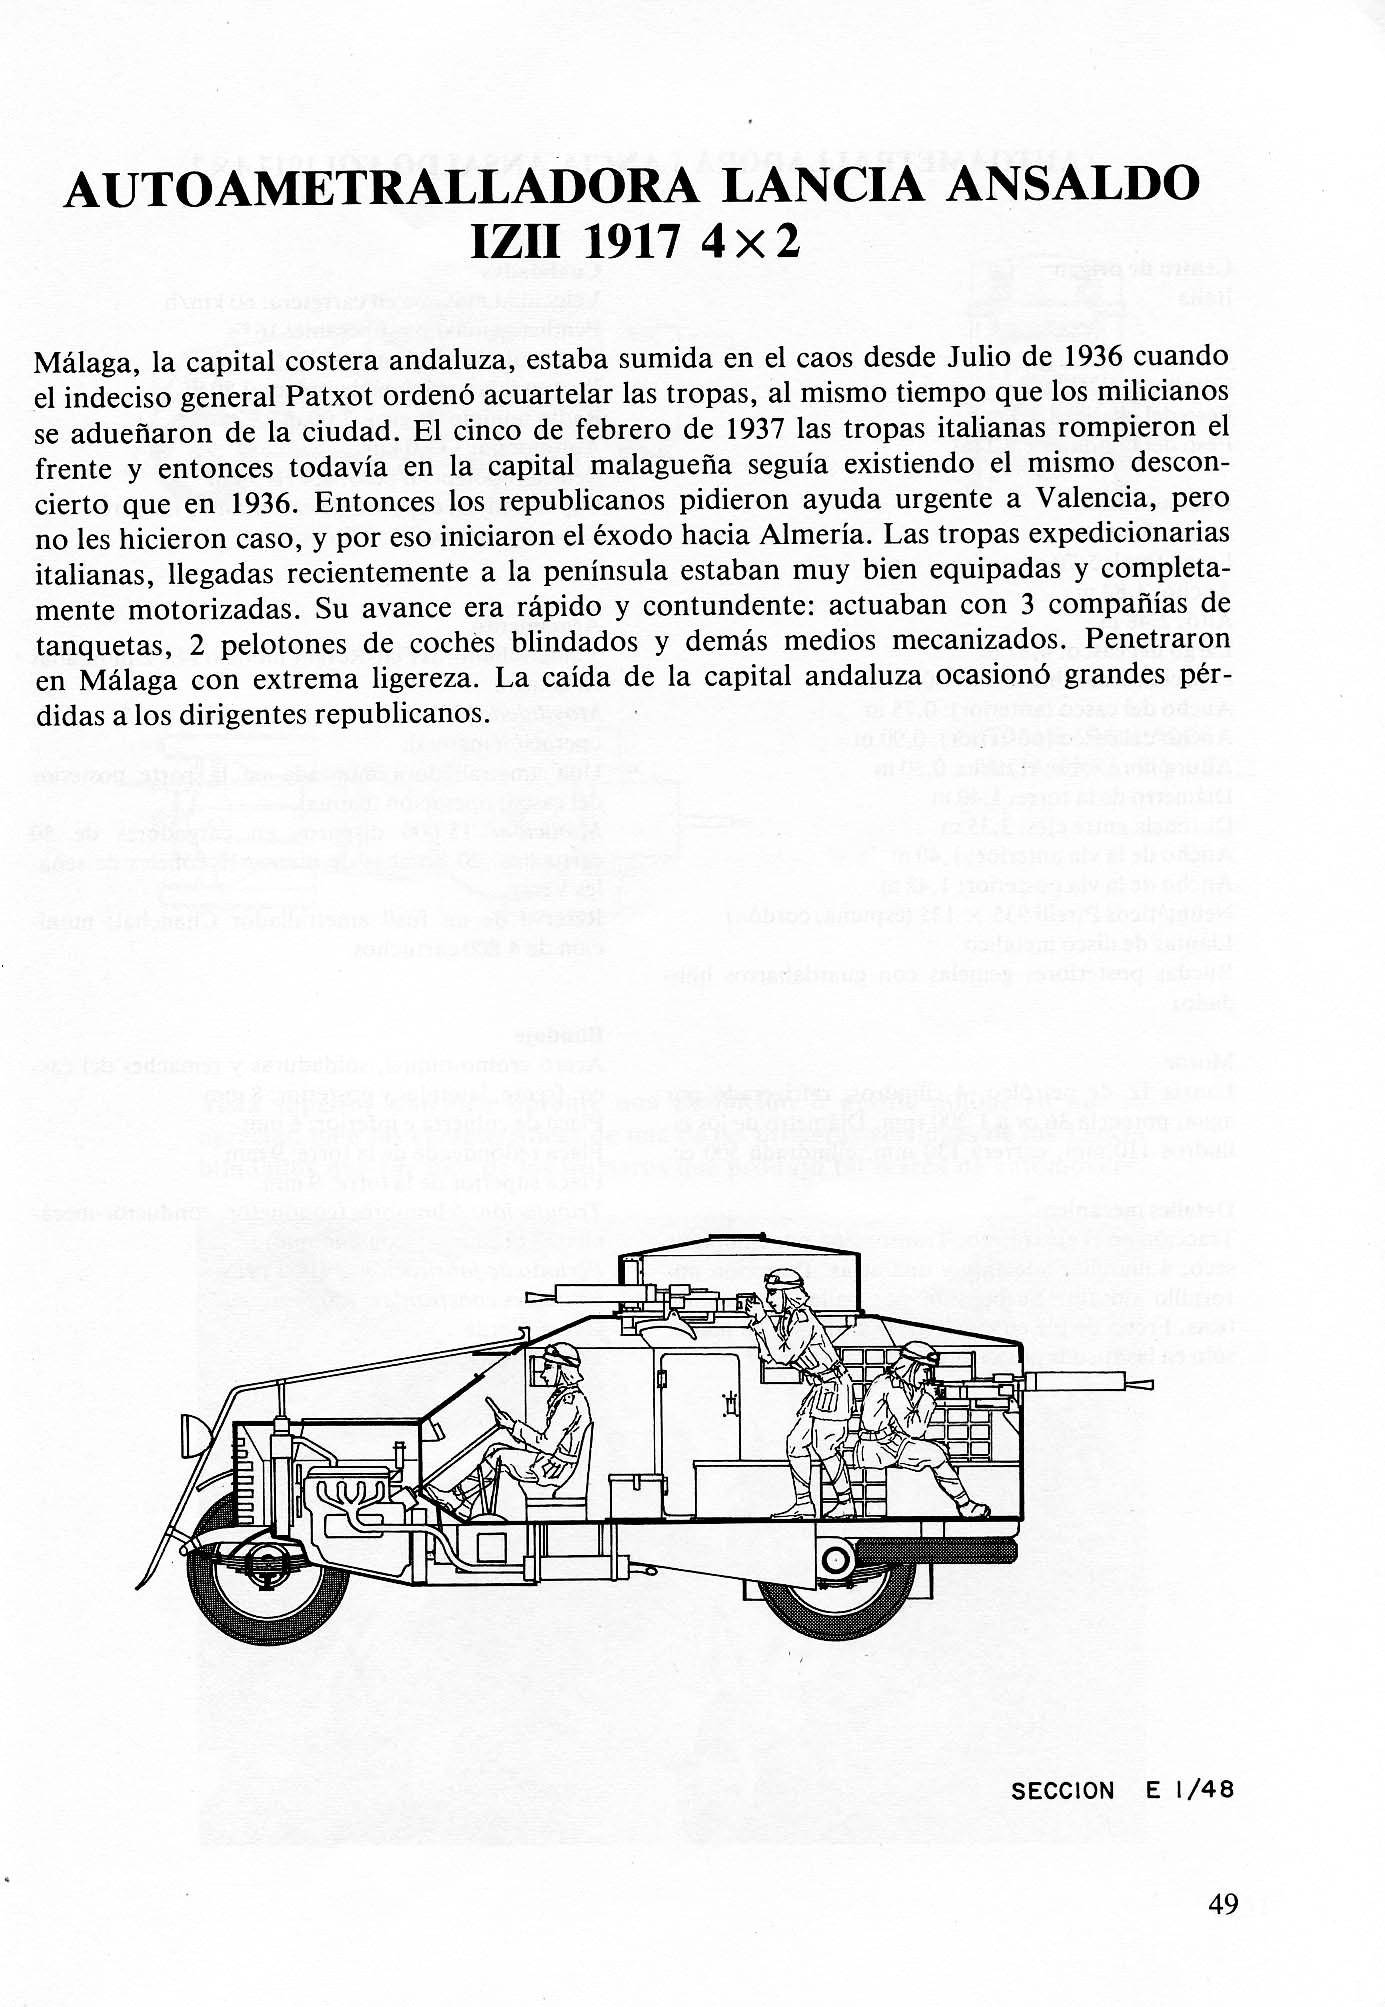 Carros De Combate Y Vehiculos Blindados De La Guerra 1936 1939 [F.C.Albert 1980]_Страница_047.jpg